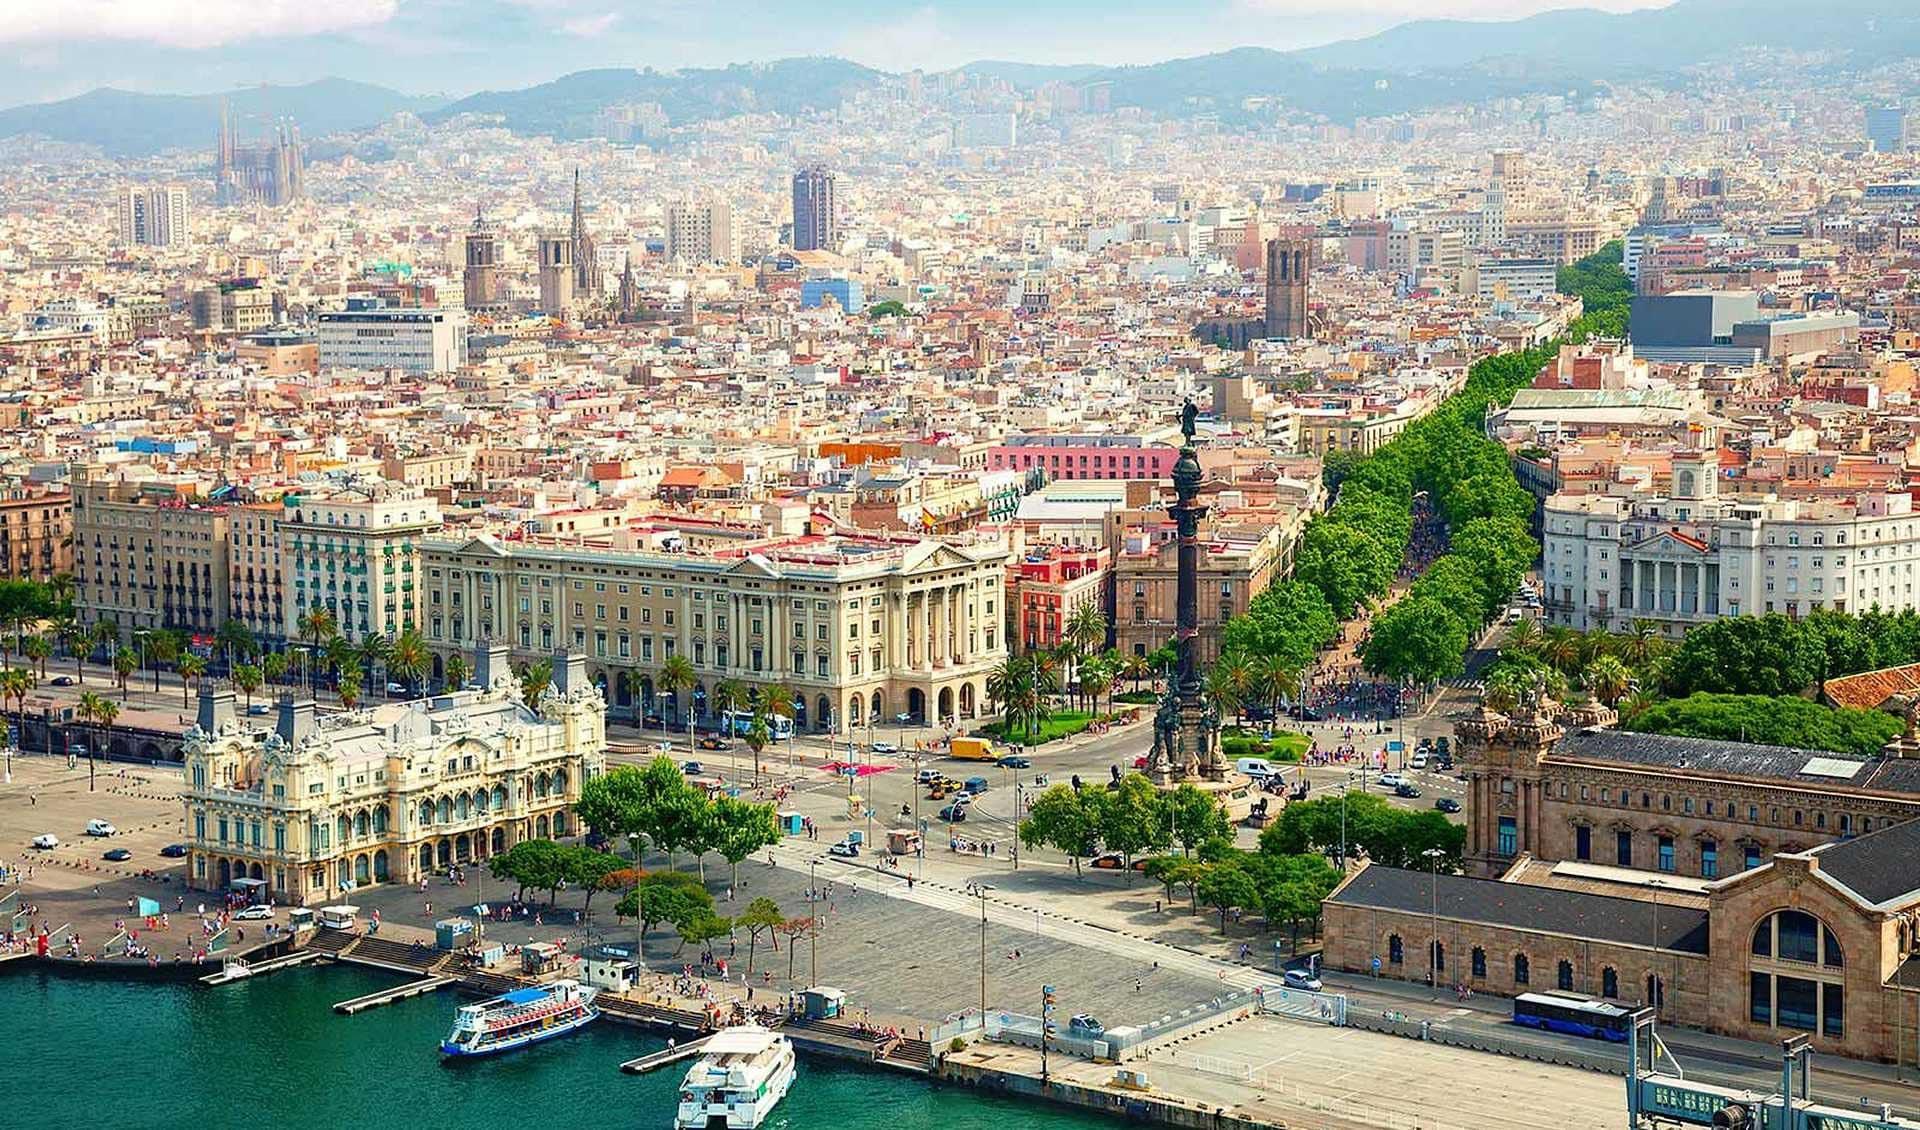 лучшие места в испании для отдыха